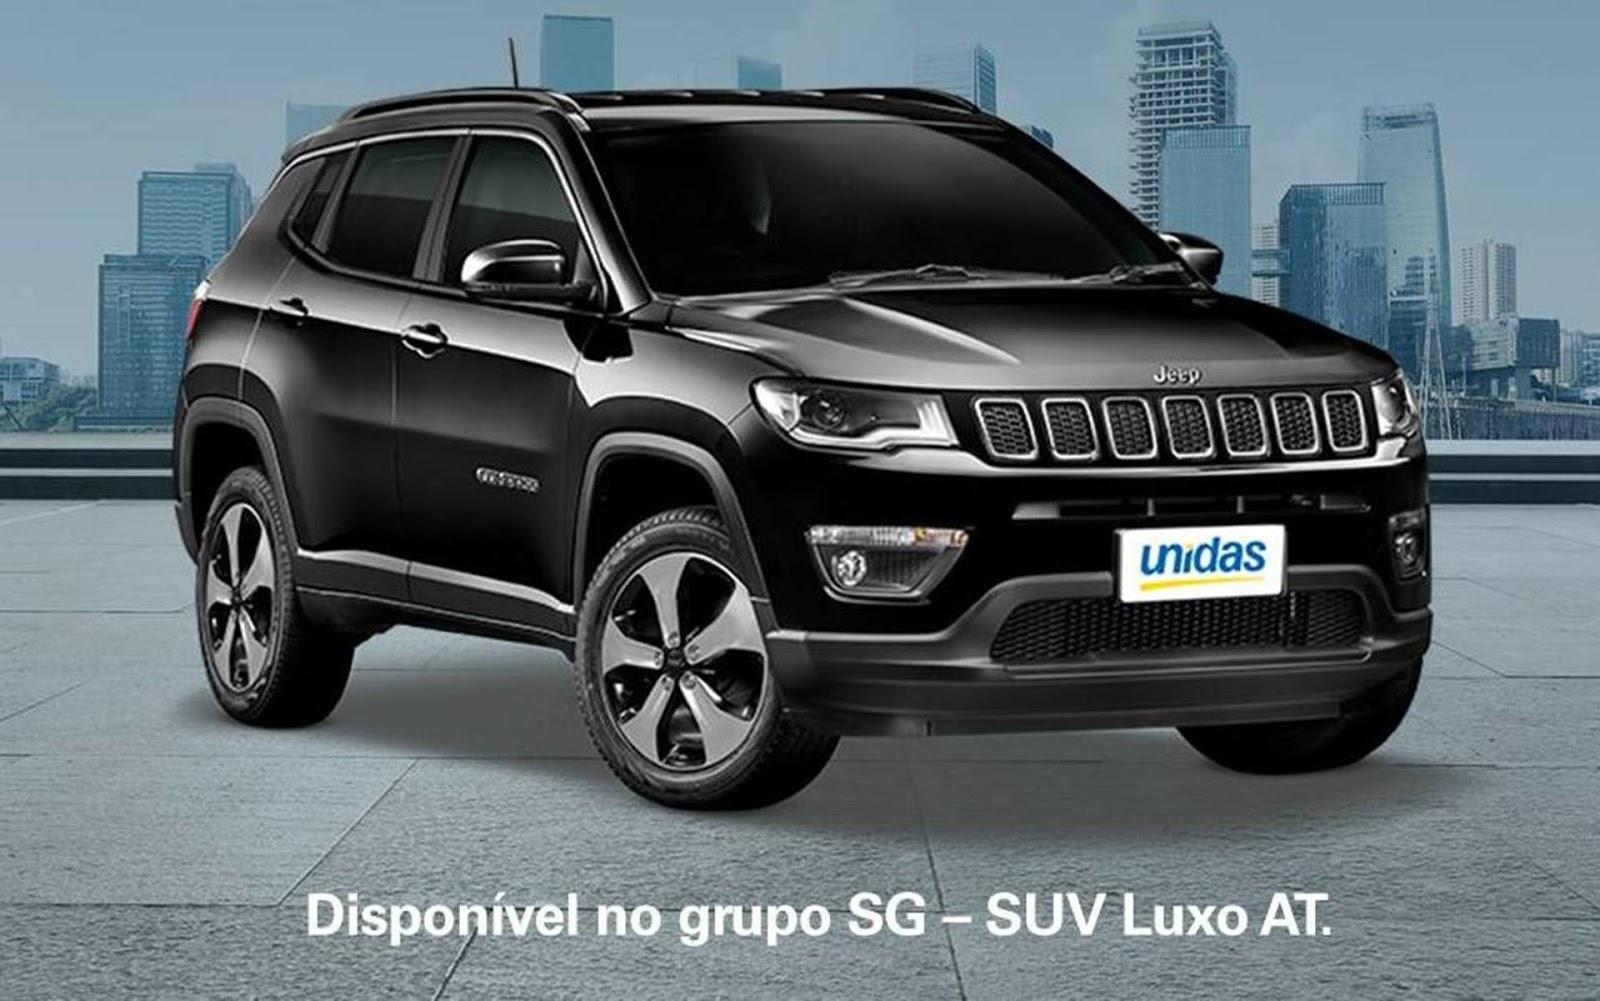 Jeep Compass Disponivel Para Alugar Na Unidas E Localiza Box 55